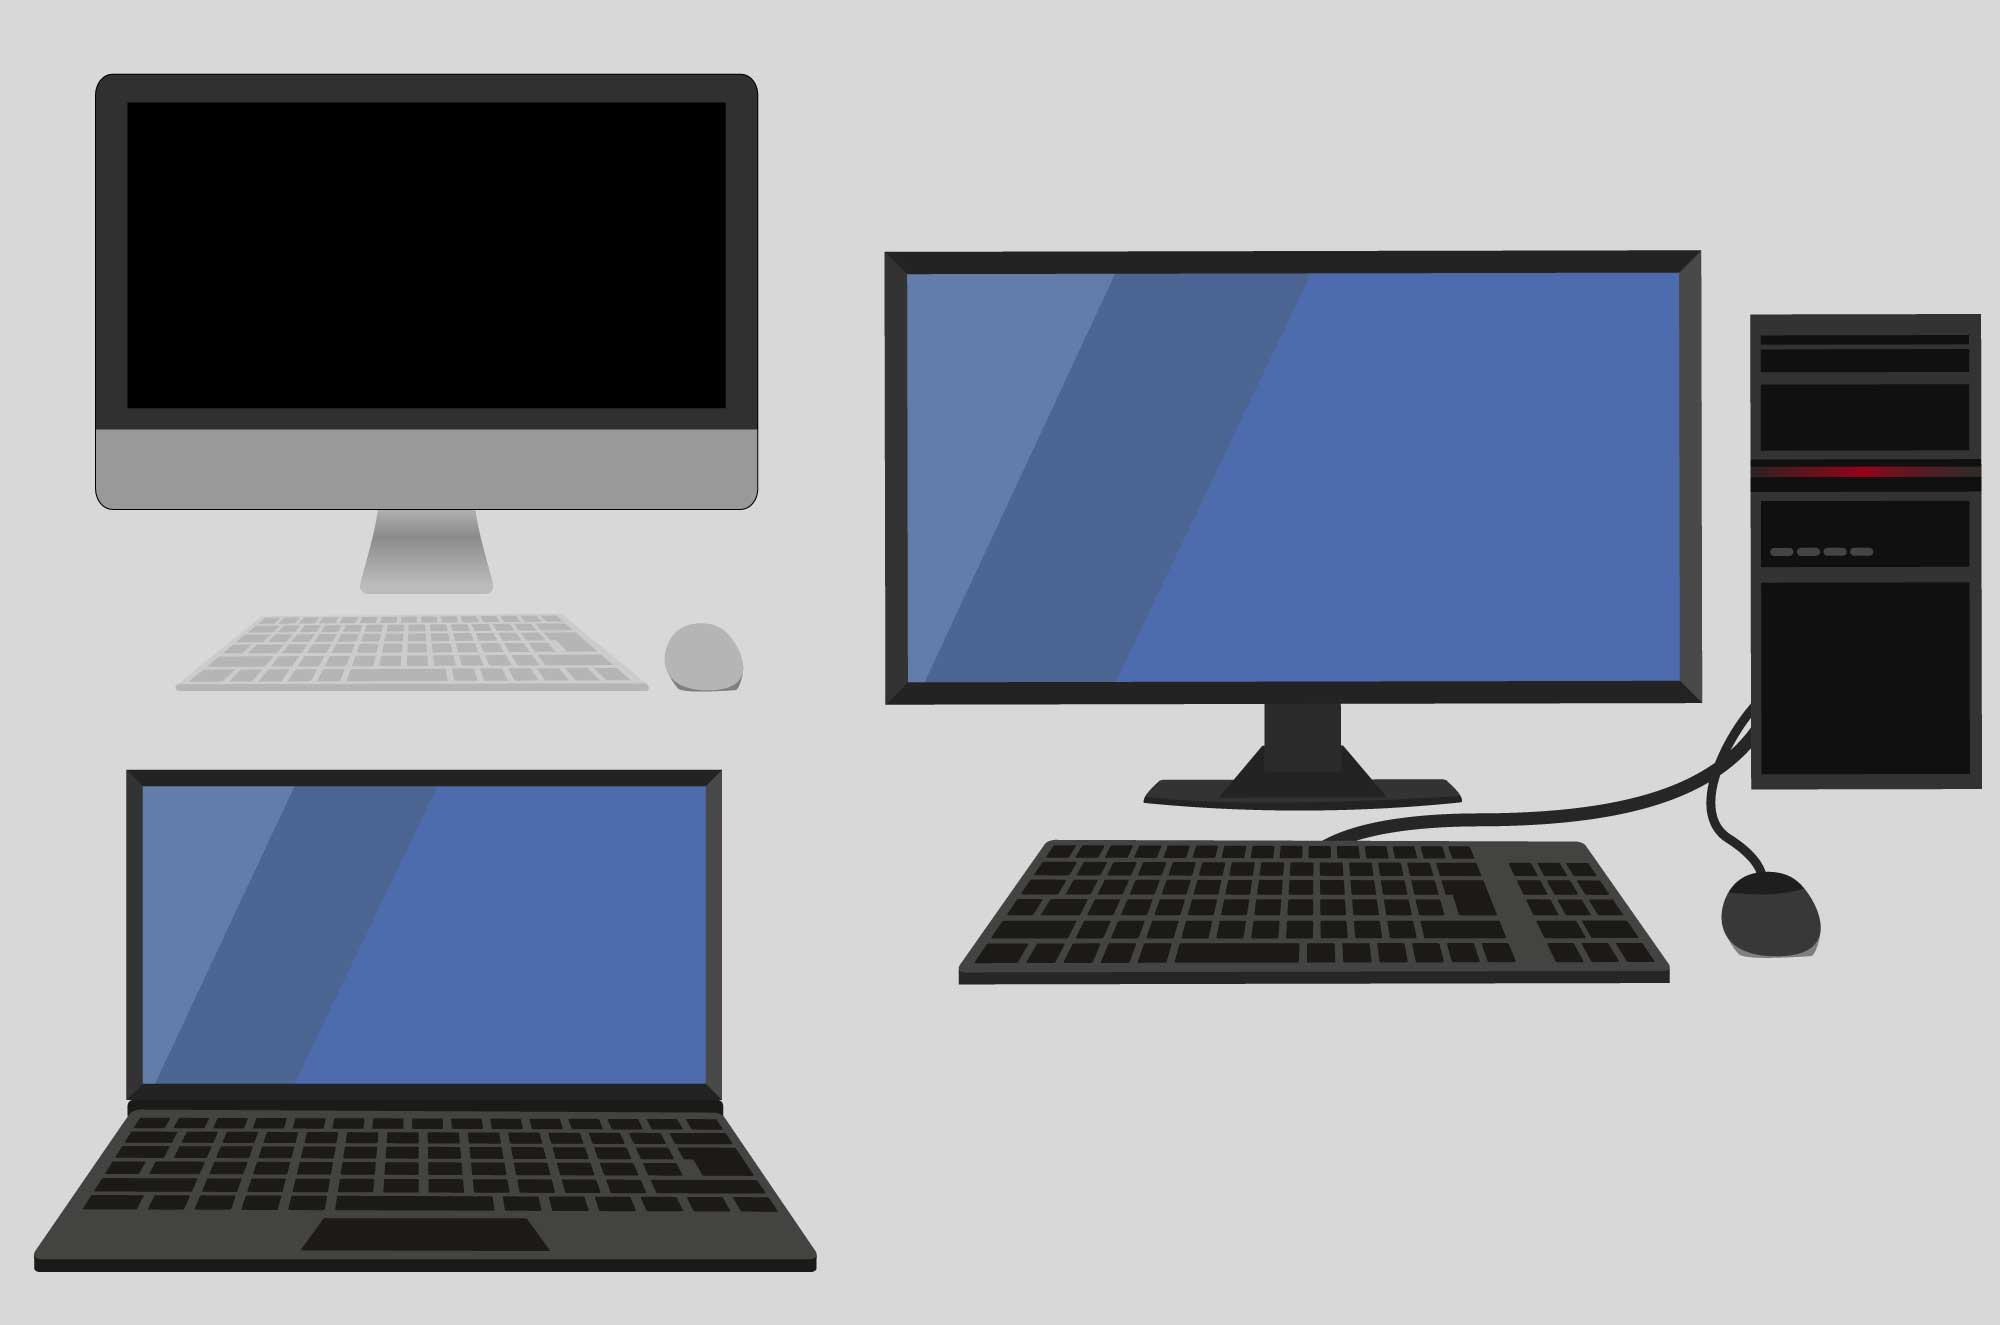 パソコンの無料イラスト - ディスクトップとノート - チコデザ